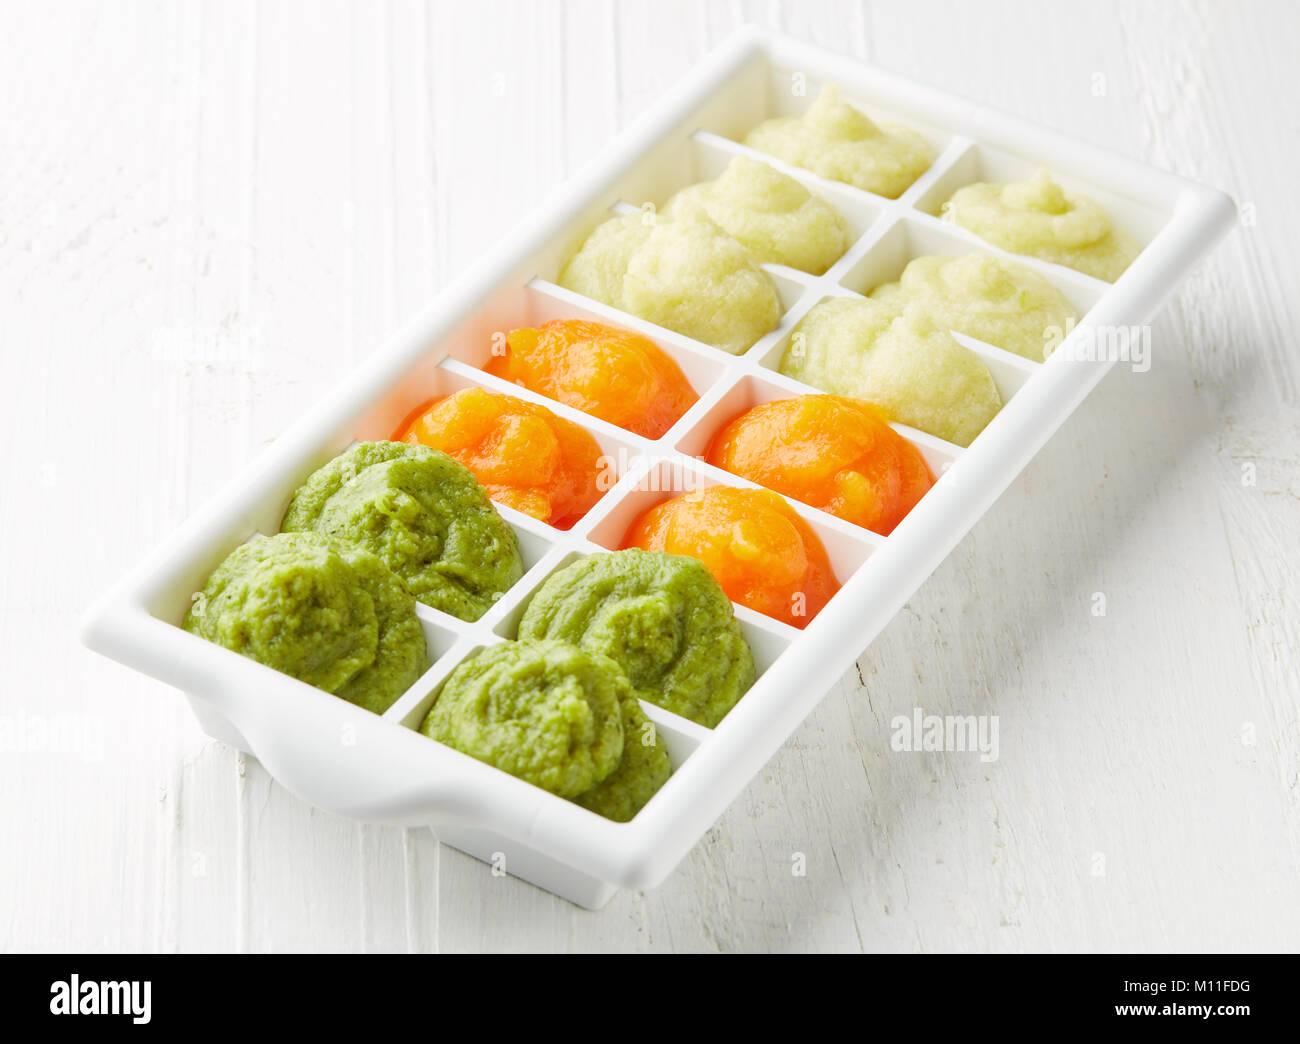 Freezing Avocado Baby Food